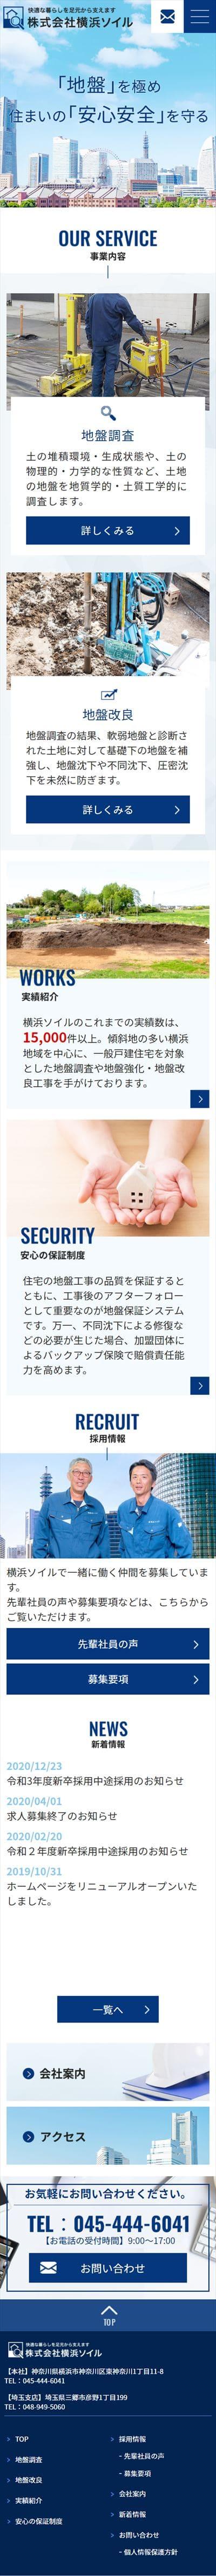 株式会社横浜ソイル